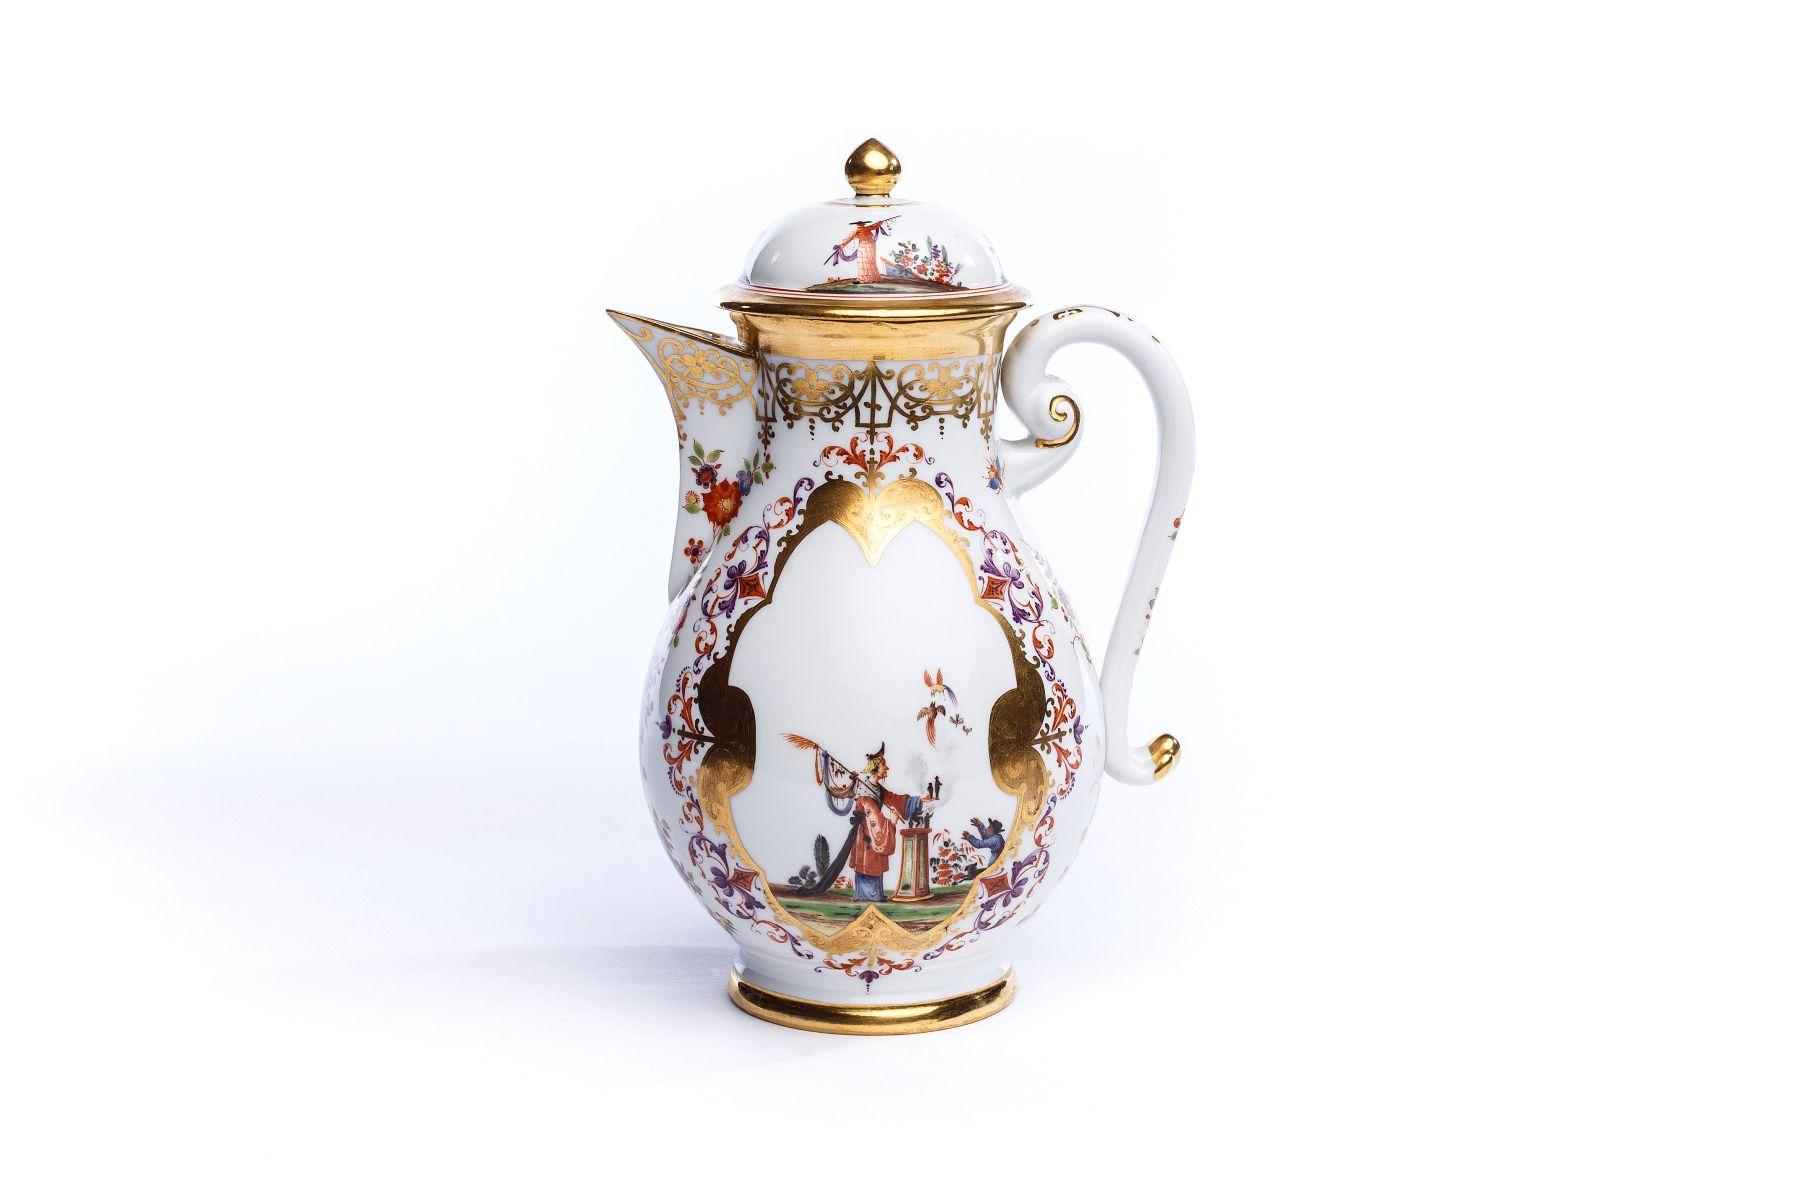 #97 Small jug, Meissen 20th century | Kleine Kanne, Meissen 20. Jahrhundert Image